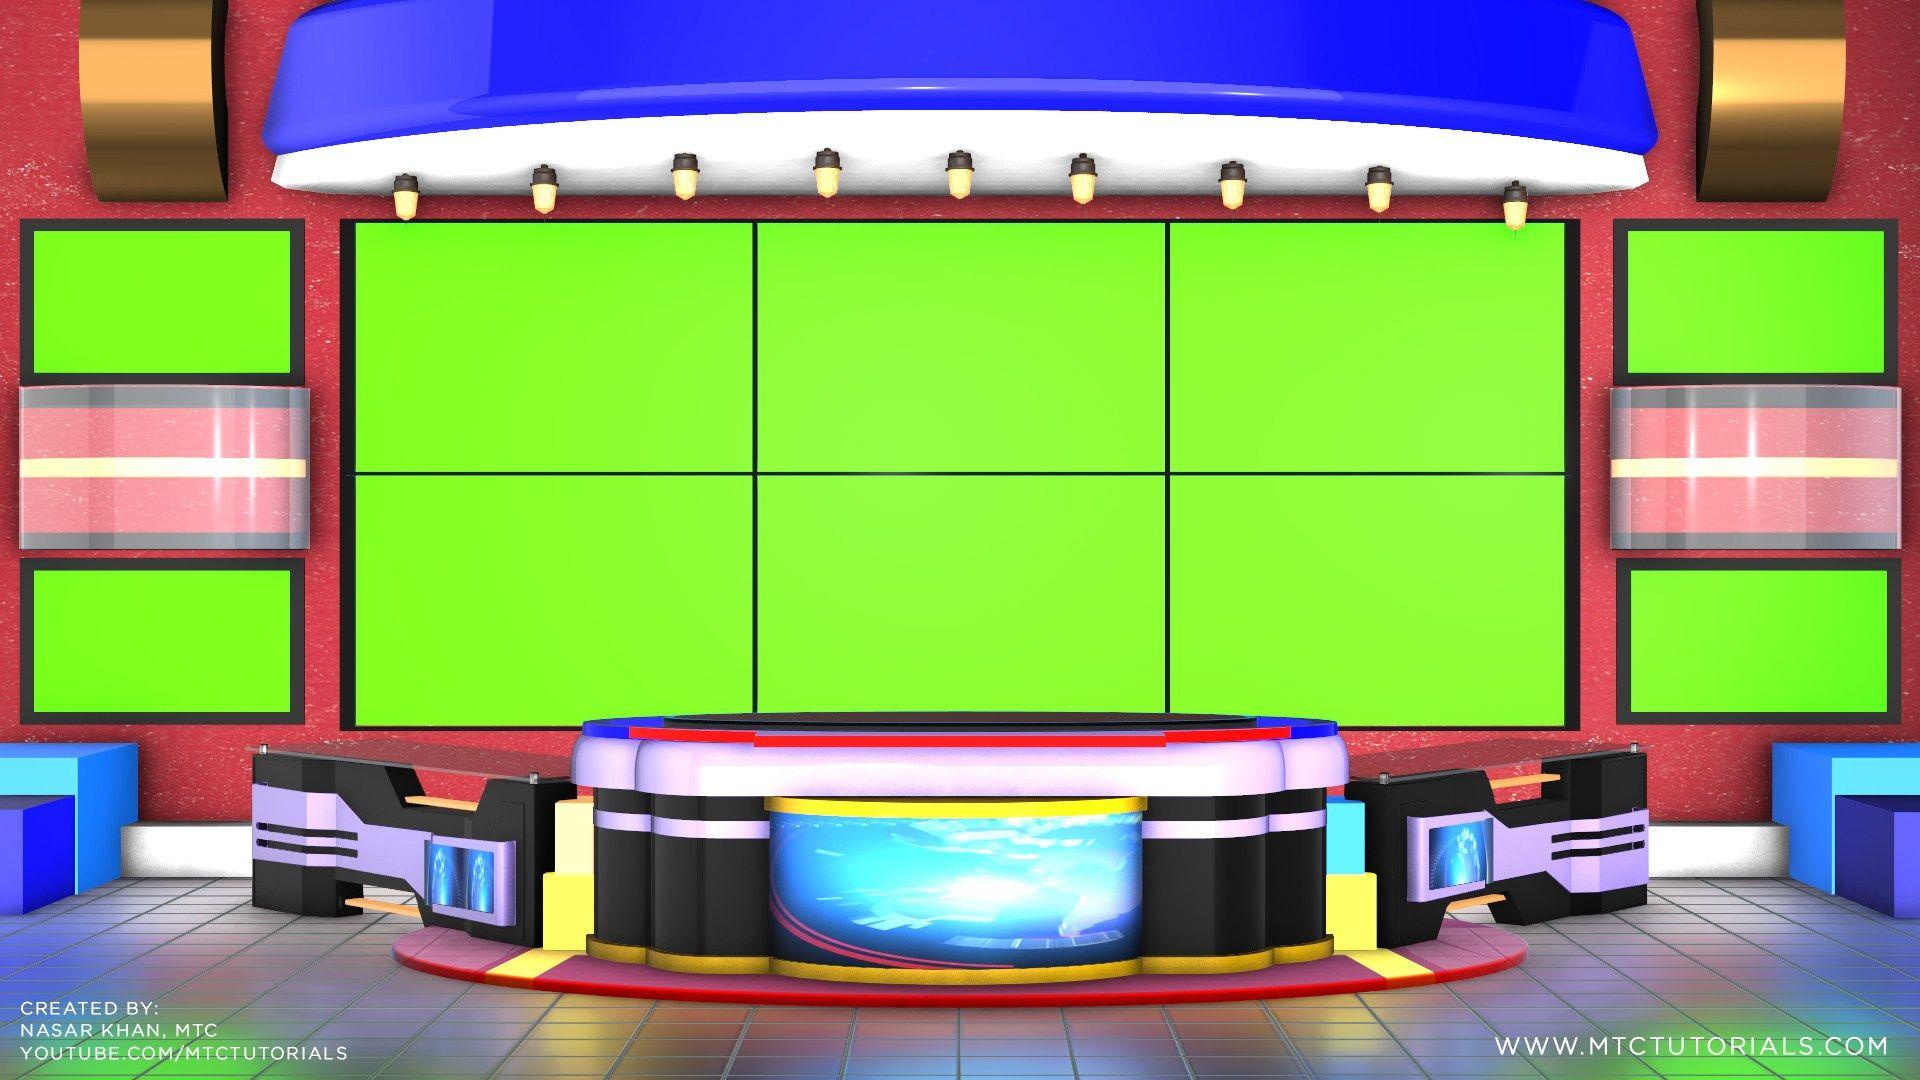 Eyes Blinking Free Green Screen Video Free Green Screen Green Screen Backgrounds Greenscreen